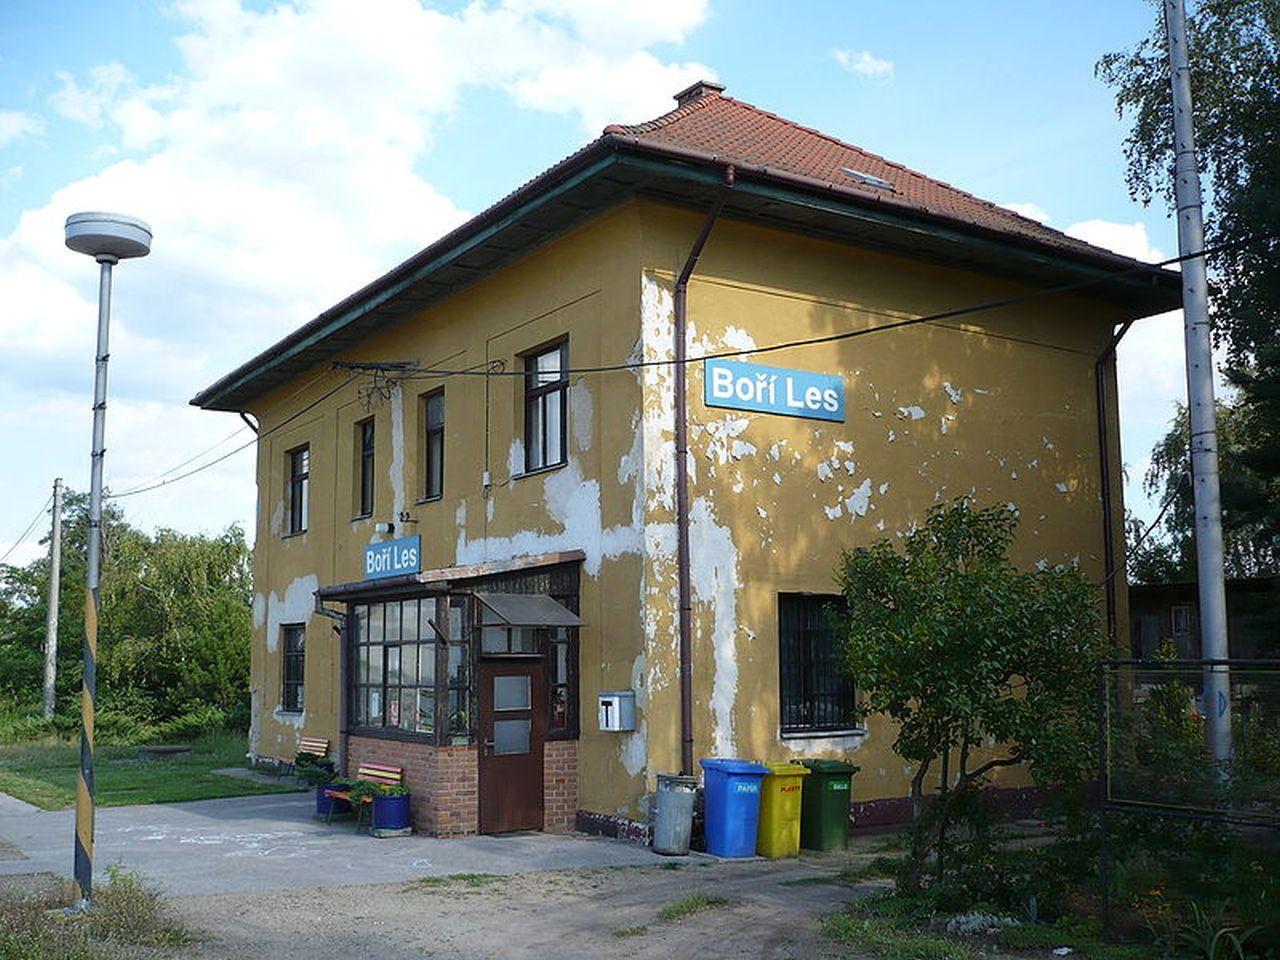 Výpravní budova Boří les. Foto: Jan Suchý / Wikimedia Commons